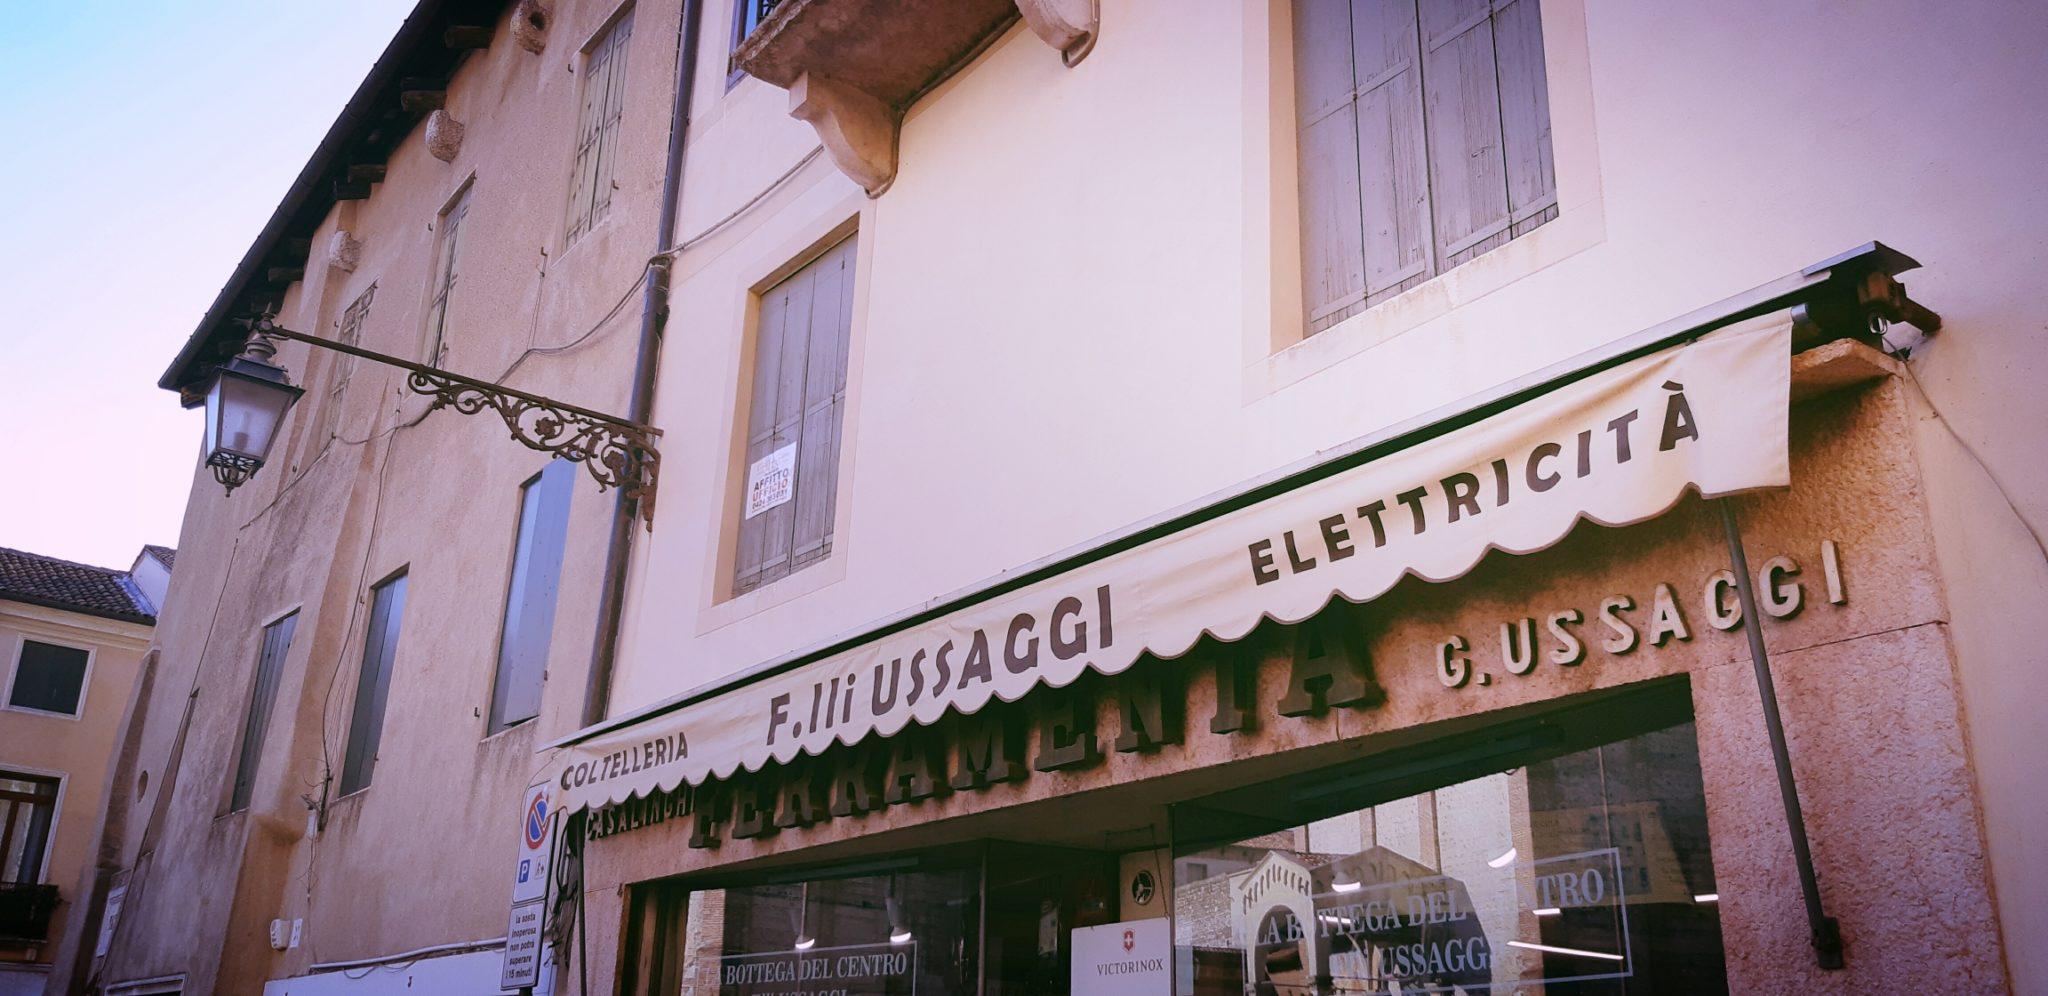 Un giro a Bassano, fra palazzi storici e nuovi festival musicali e di spettacolo itinerante, osterie ed enoteche spirate a Corto Maltese